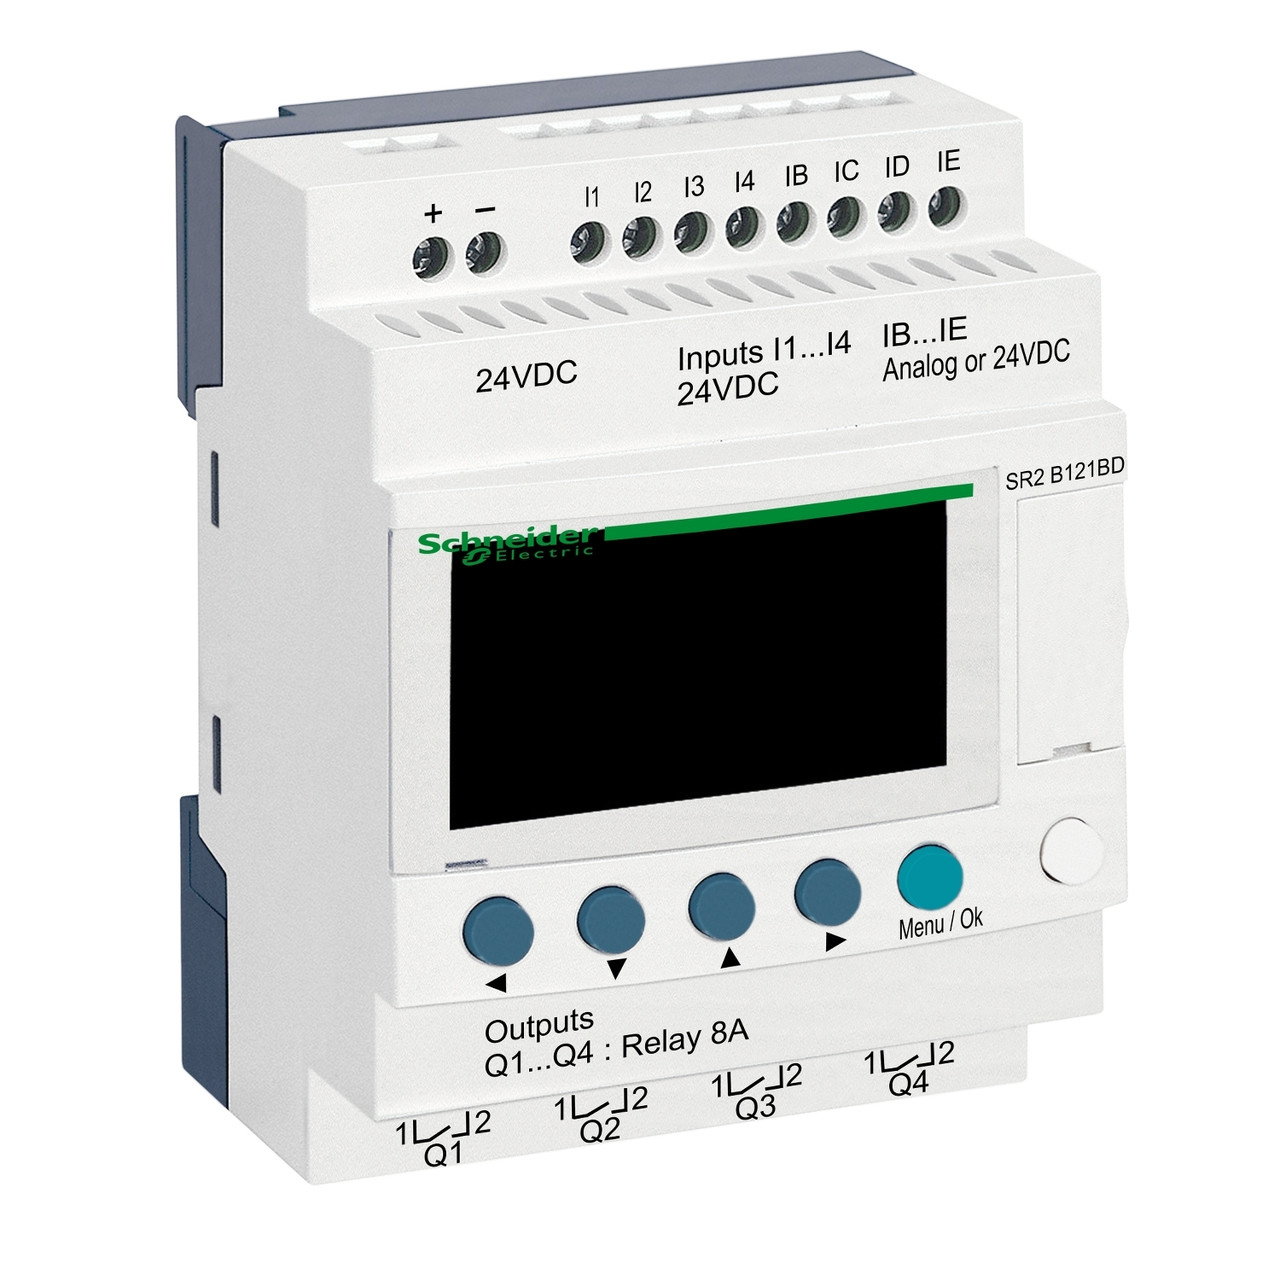 Zelio Logic компактное интеллектуальные реле 12 входов/выходов 24В DC, с дисплеем